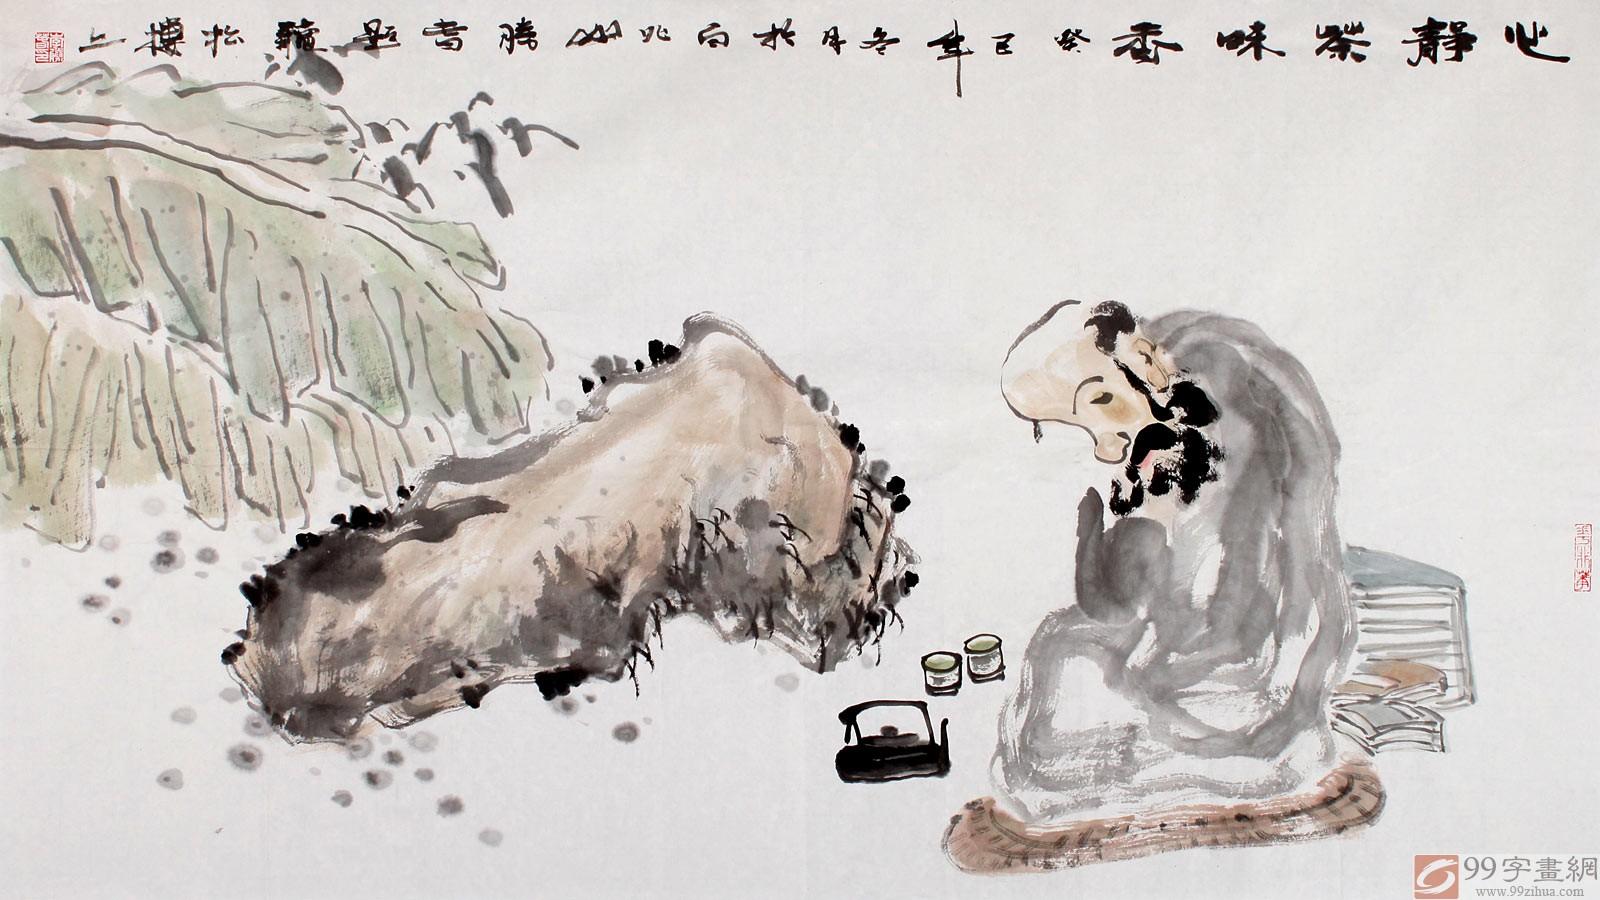 《心静茶味香》,绘一芭蕉树下,一大块墨石坐之,其旁一老者蹲坐其中